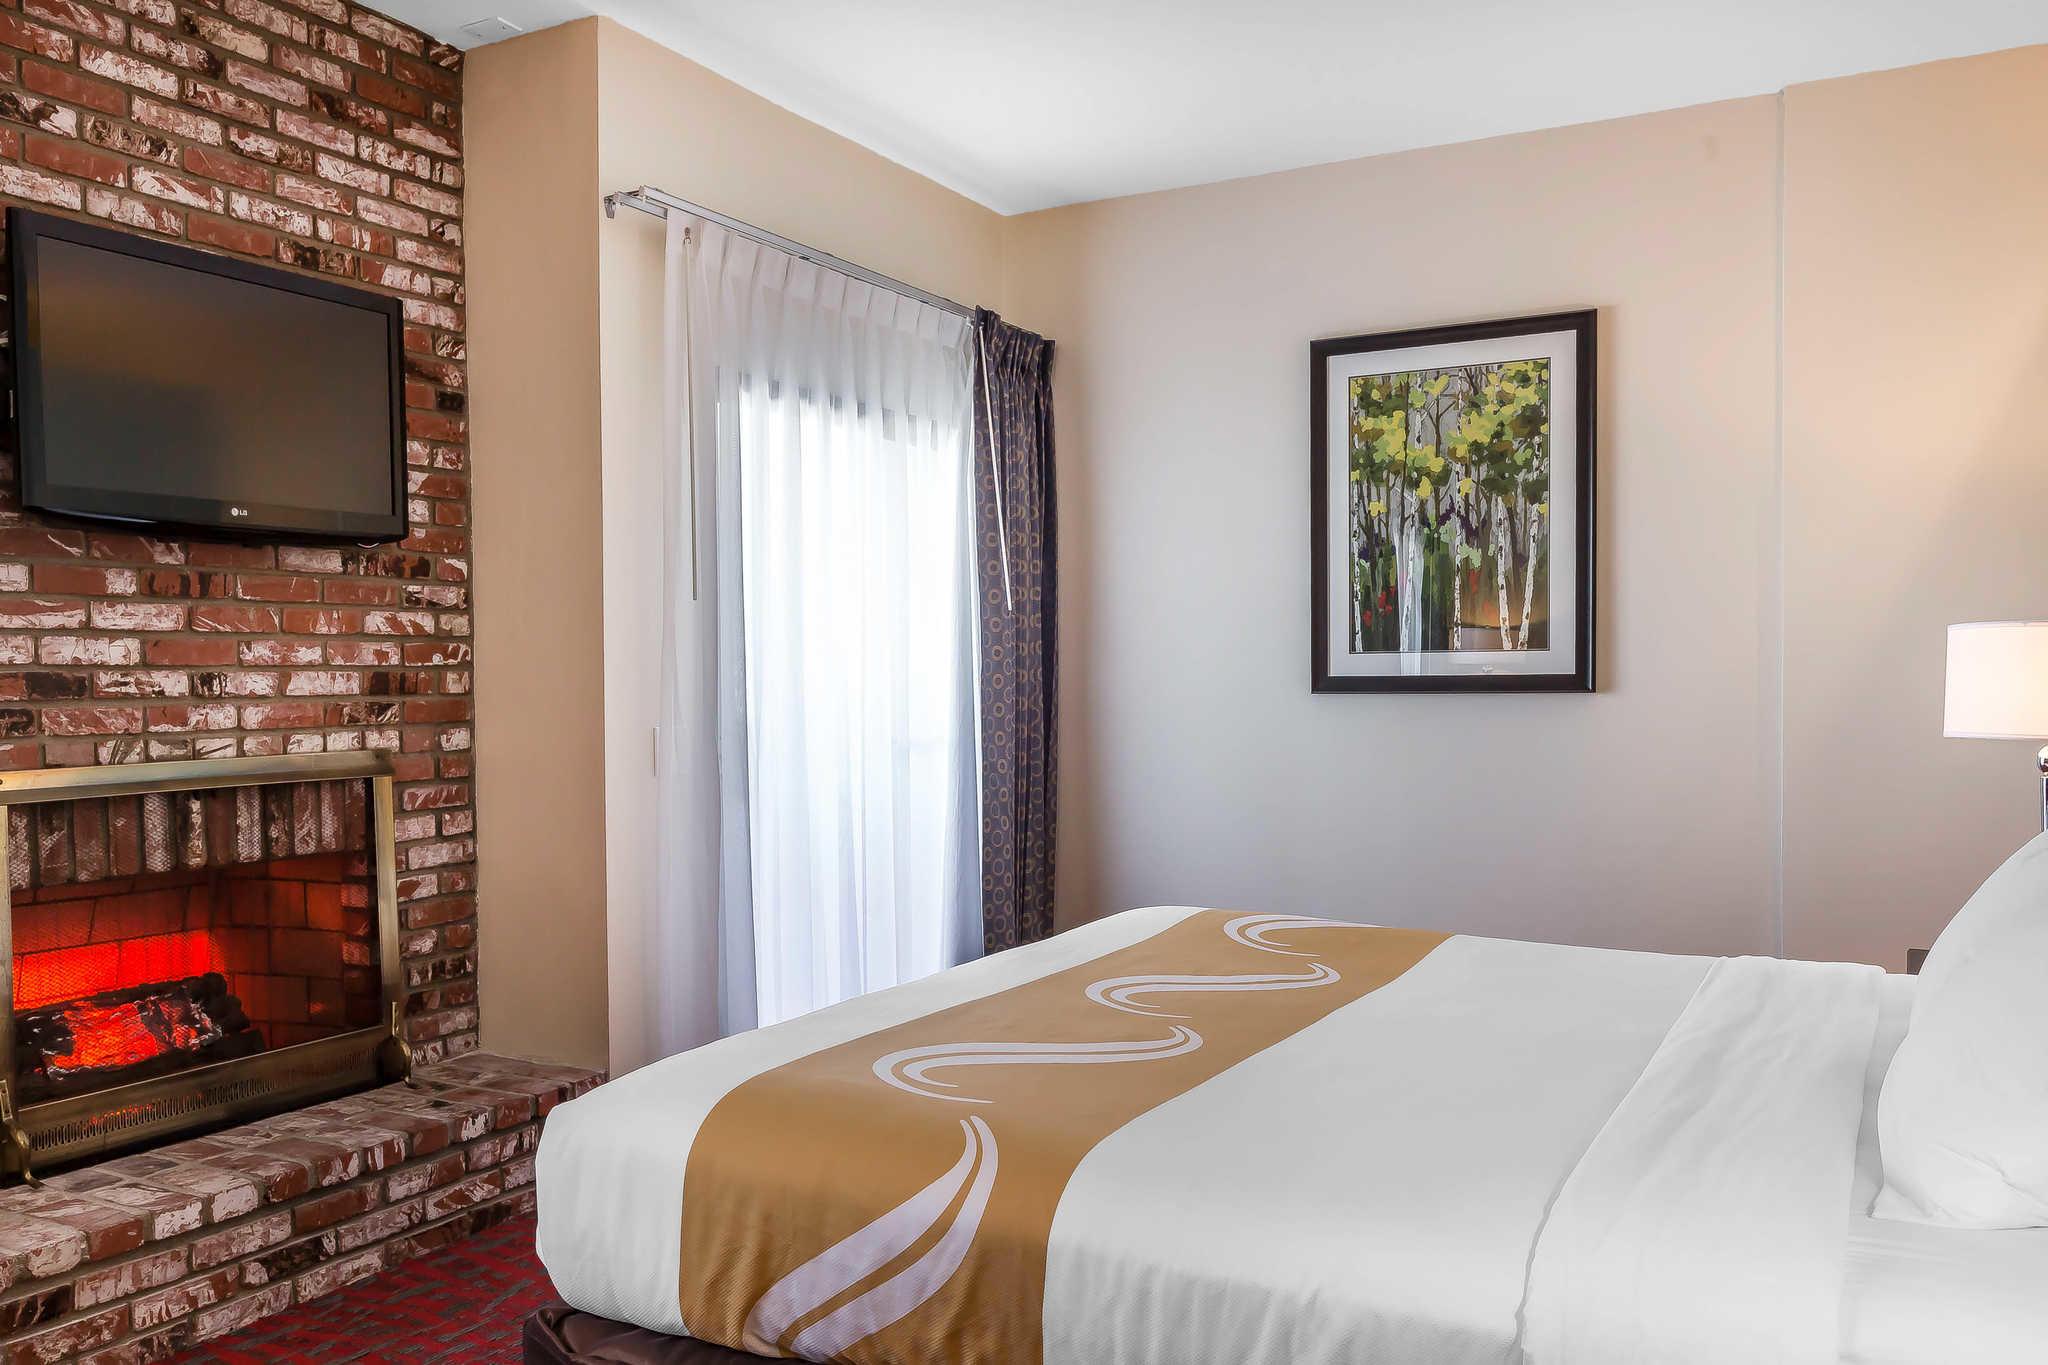 Quality Inn & Suites Irvine Spectrum image 35